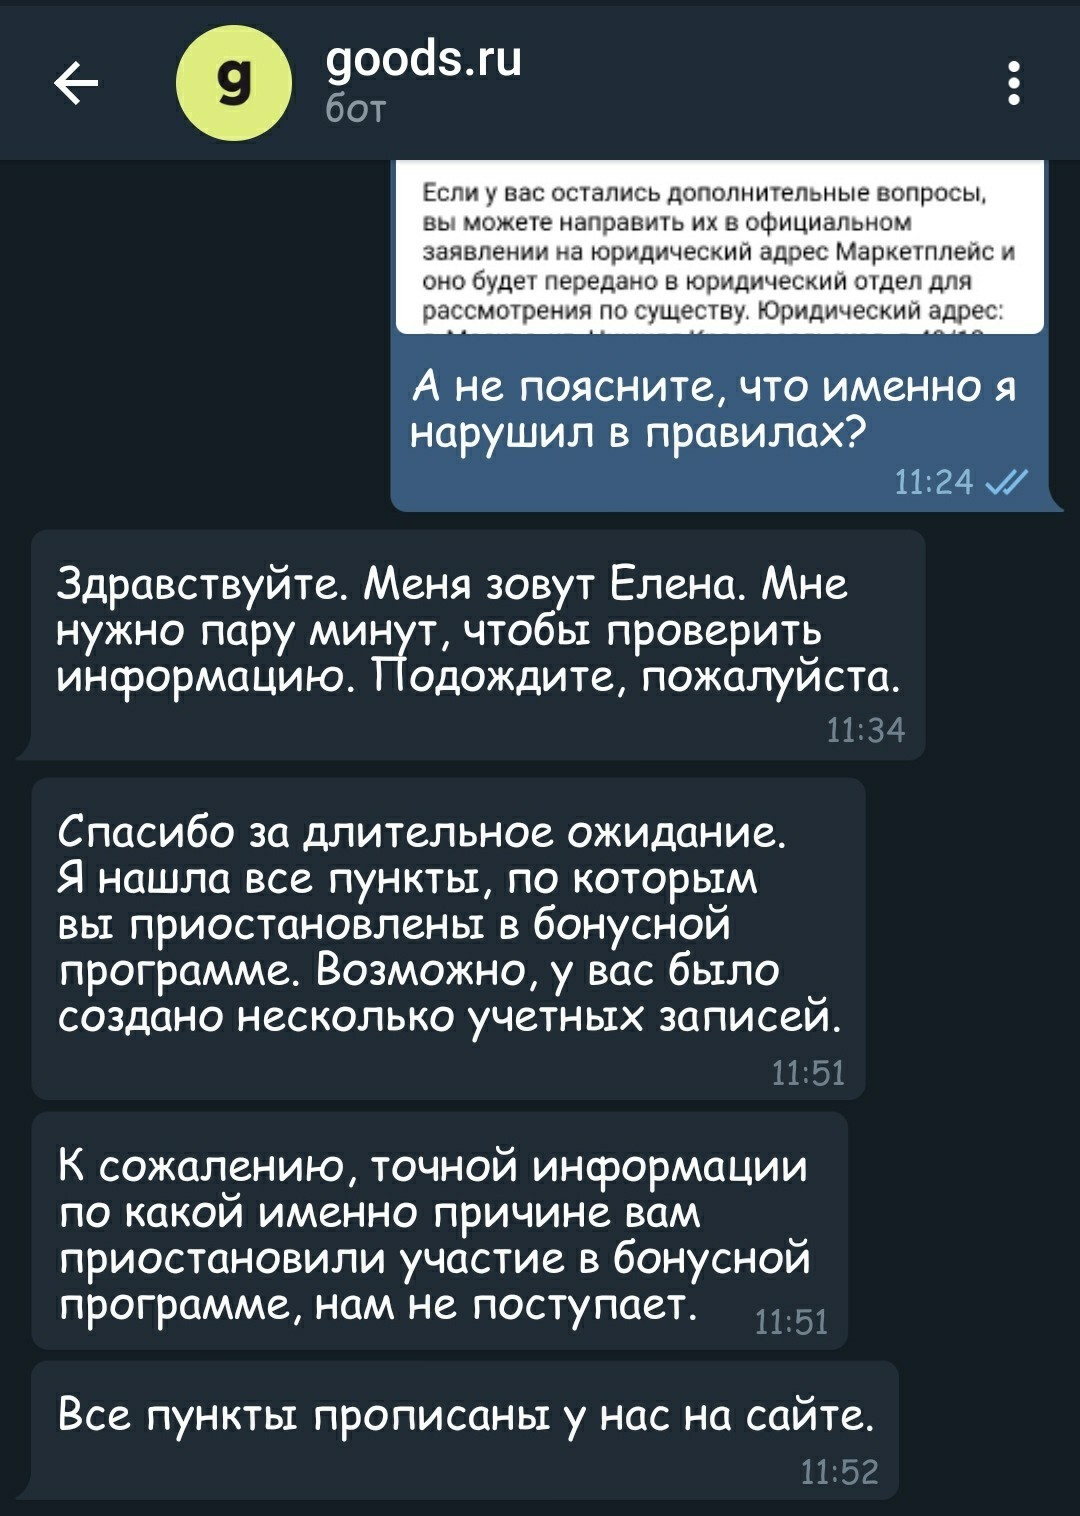 Goods ru приостановление бонусной программы газета монетка лебедянь читать